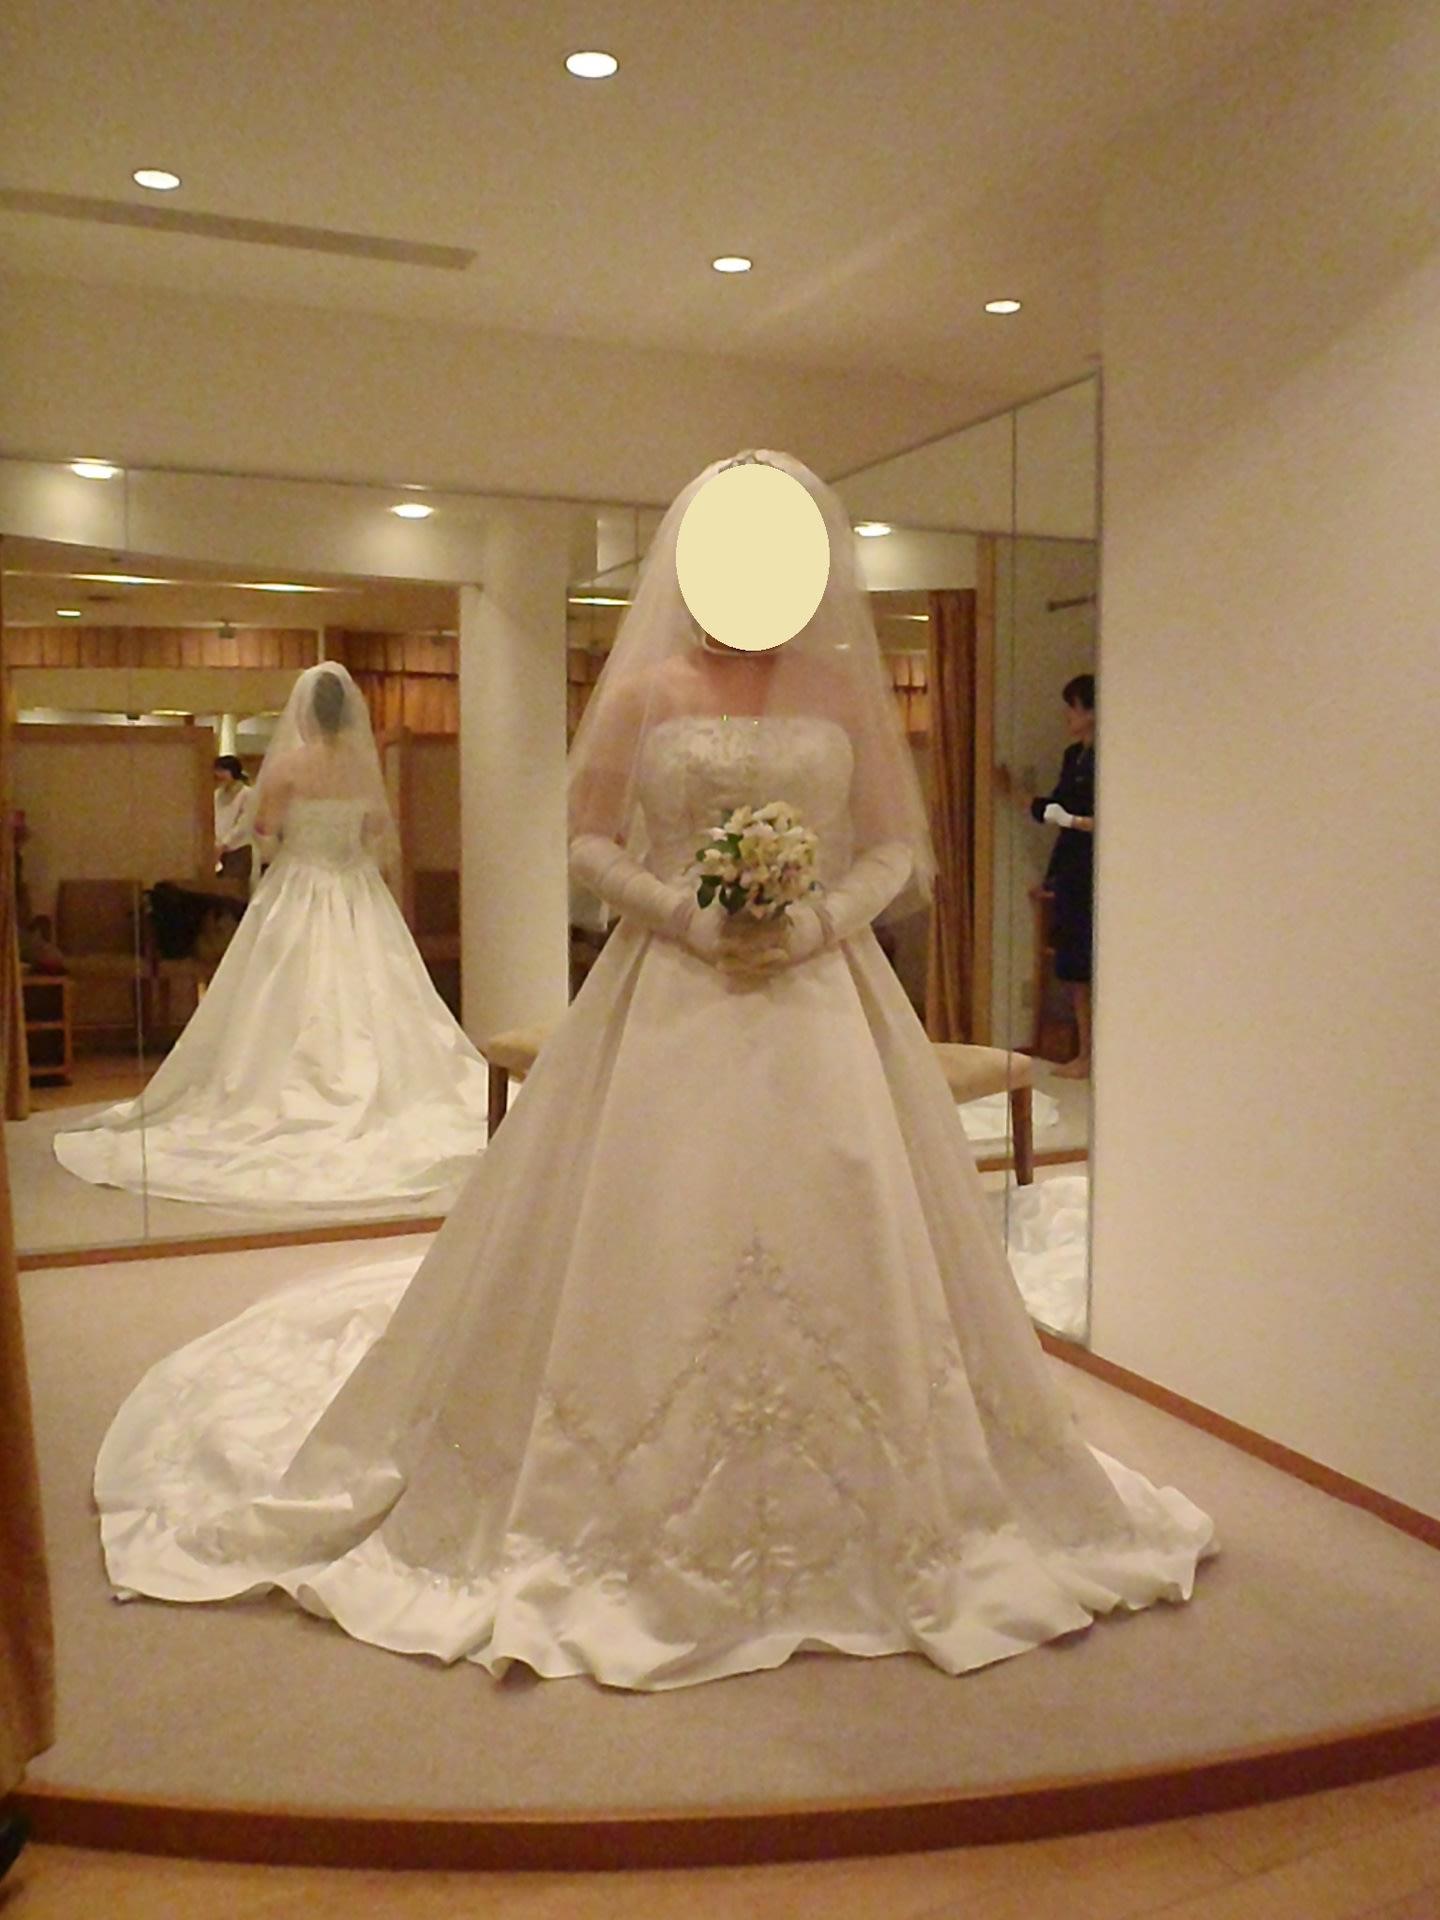 そしてウエディングドレス3着目、30万円。Aラインで、シルクオーガーンジーの生地。 このドレス はおまけで首回りに白い飾りがついています。取り外すことも可能。